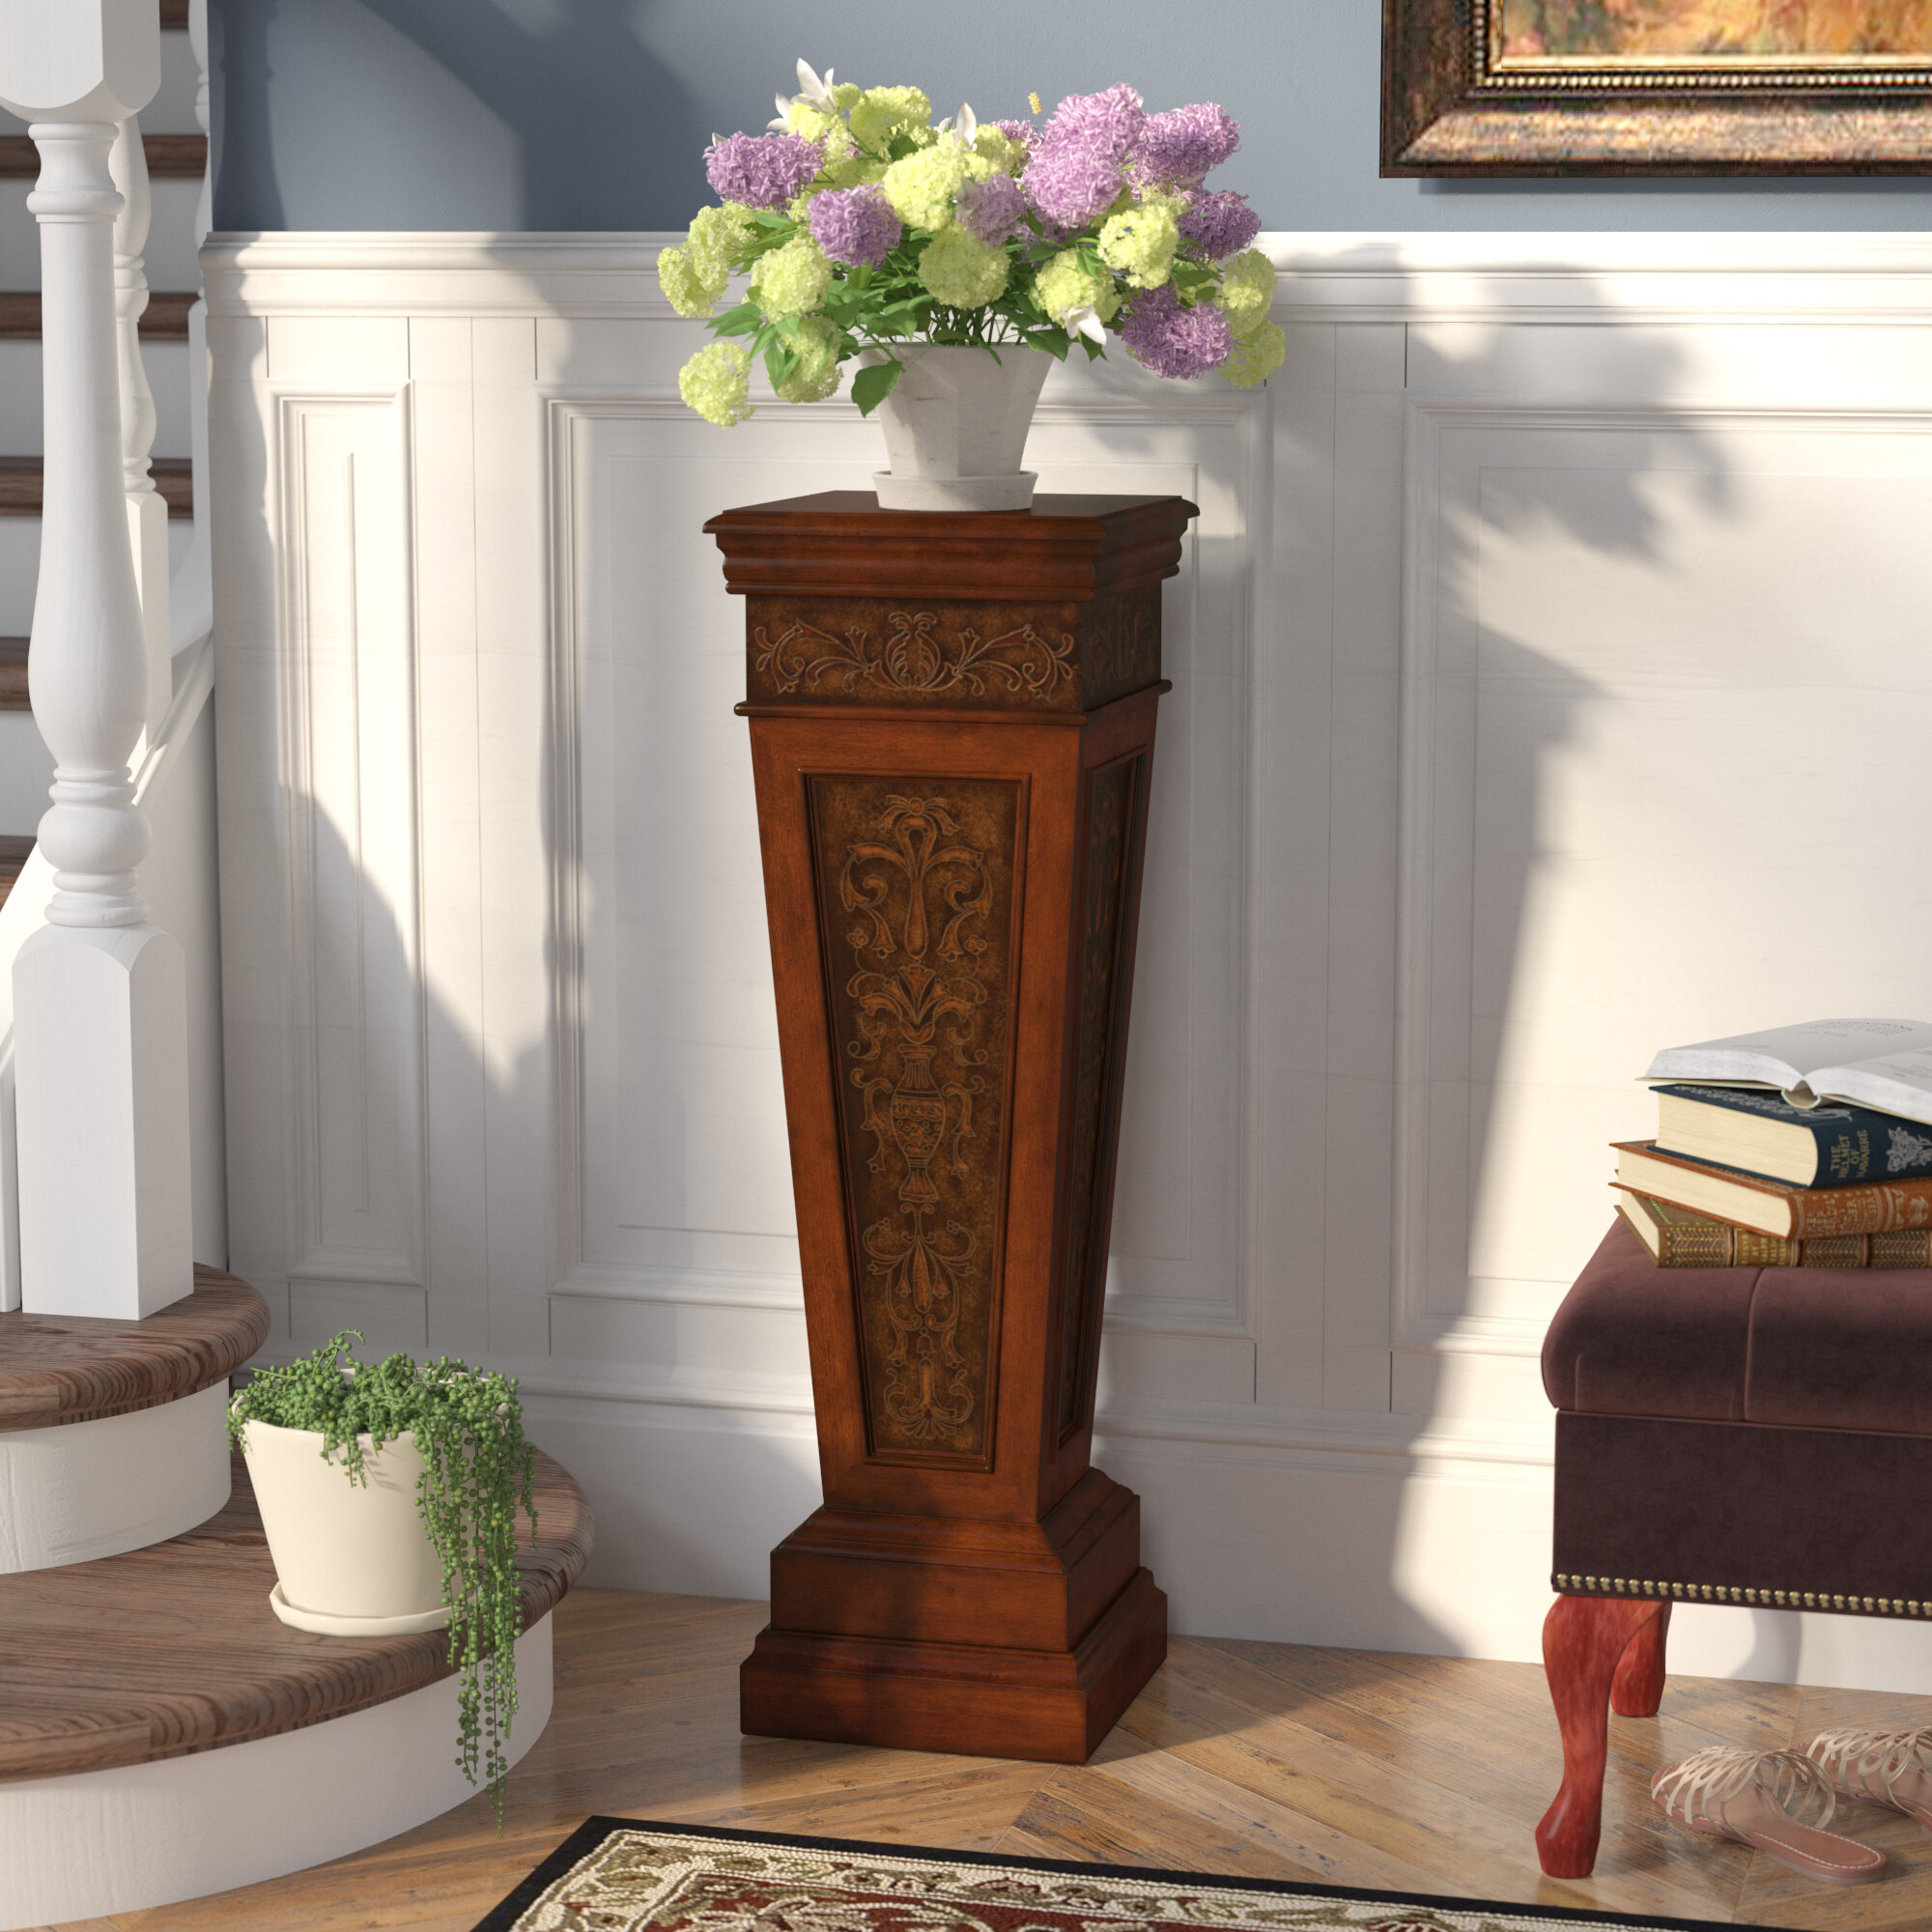 Delicieux Warner Robins Pedestal Plant Stand